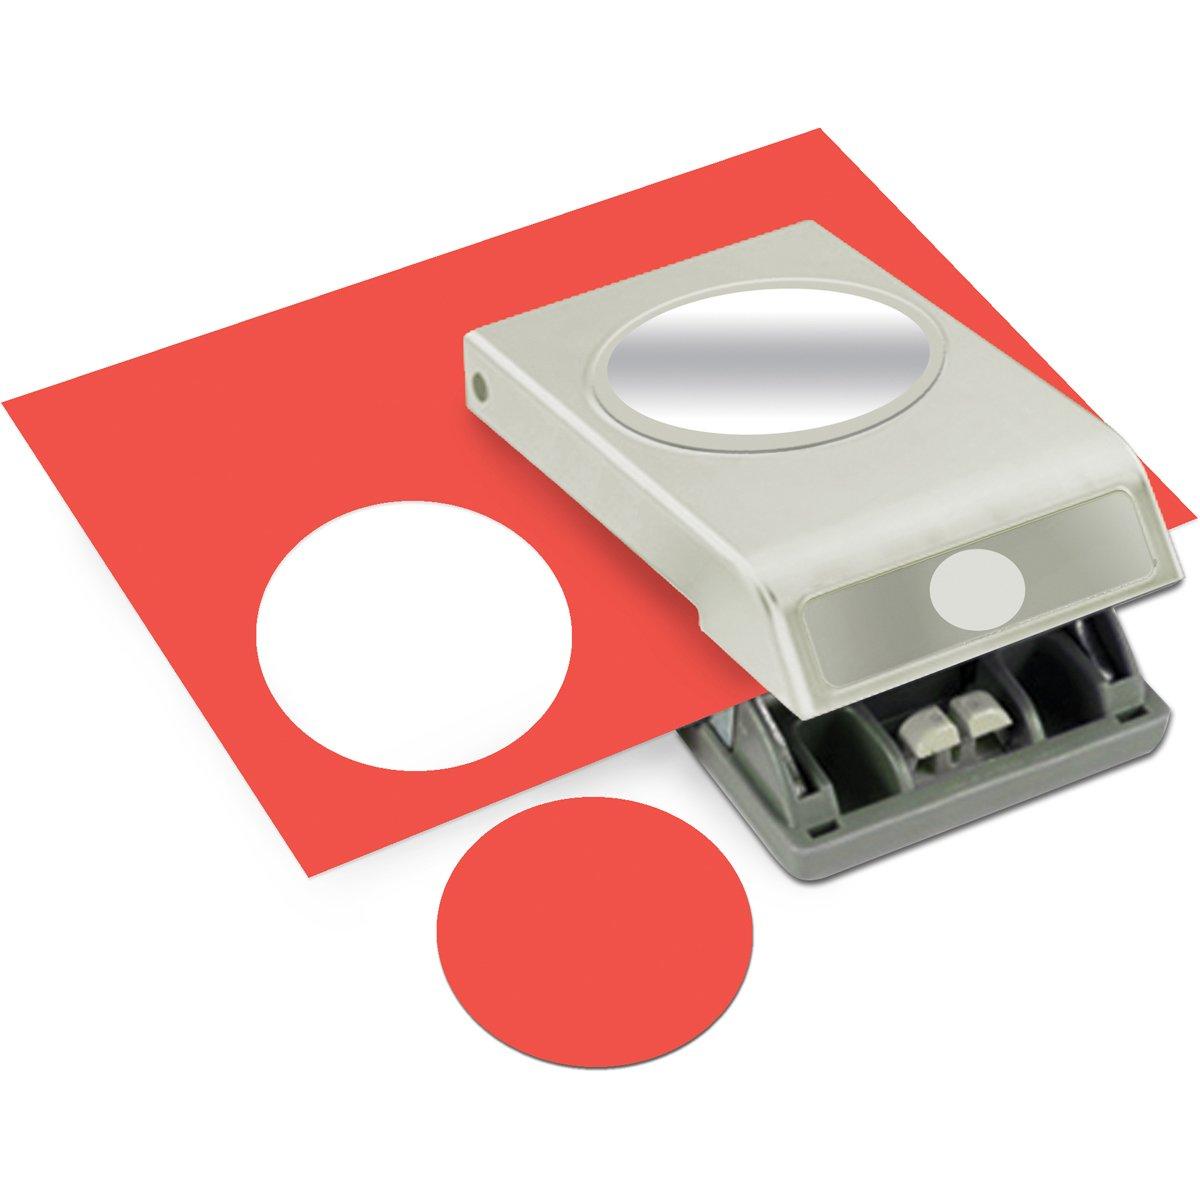 Ek Tools Perforador De Papel Circular De 63mm De Diametro